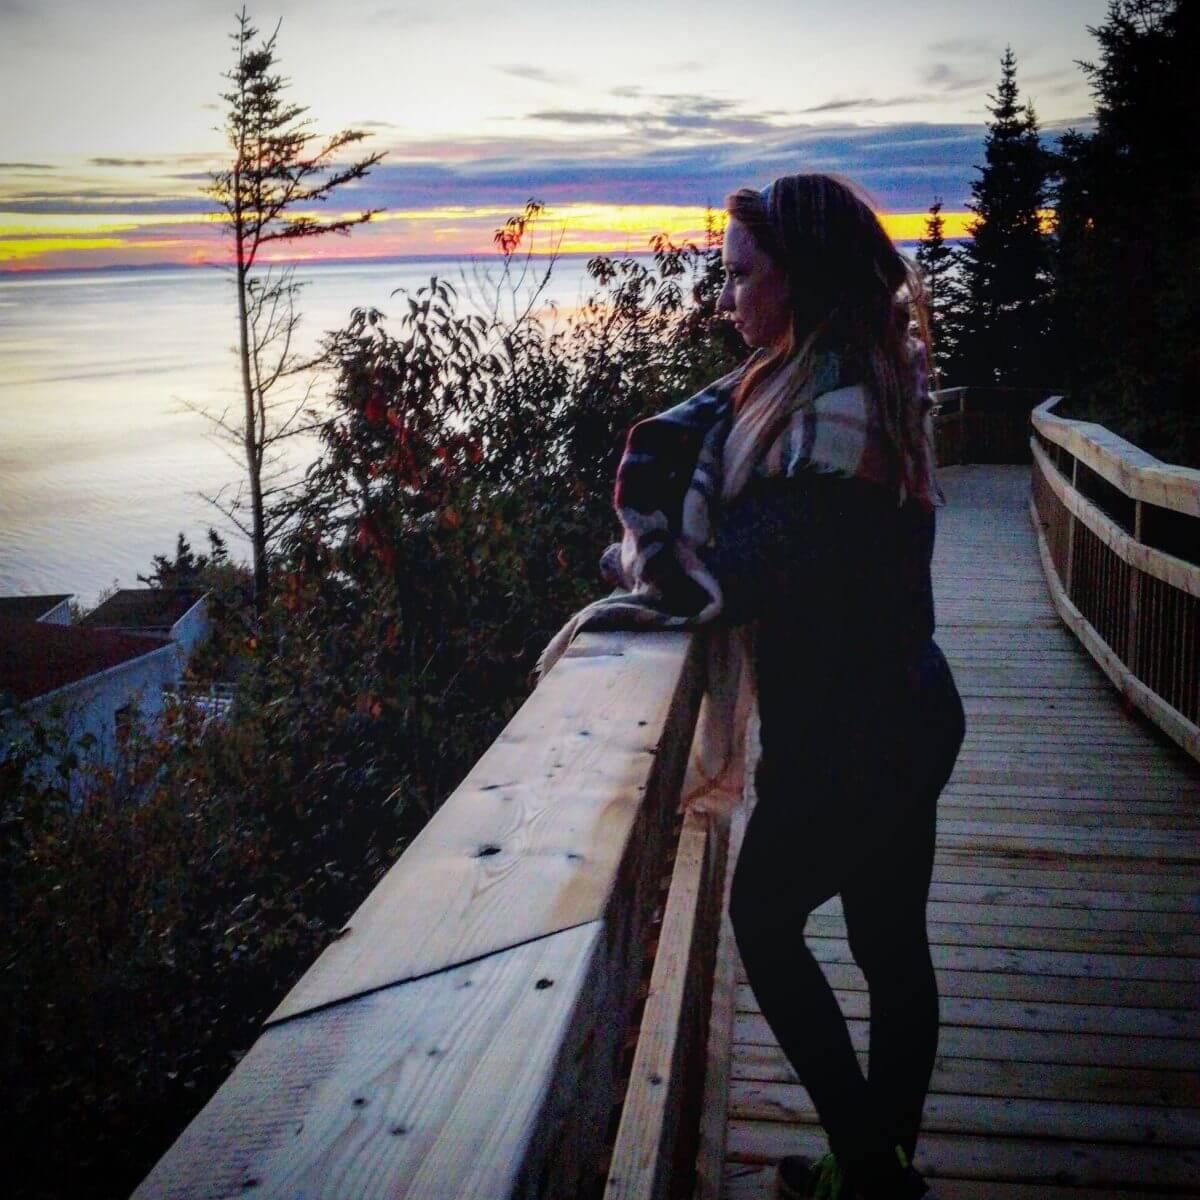 Road trip au Canada : Le voyage aux baleines - Tadoussac - La revue de kathleen - Blog Lifestyle